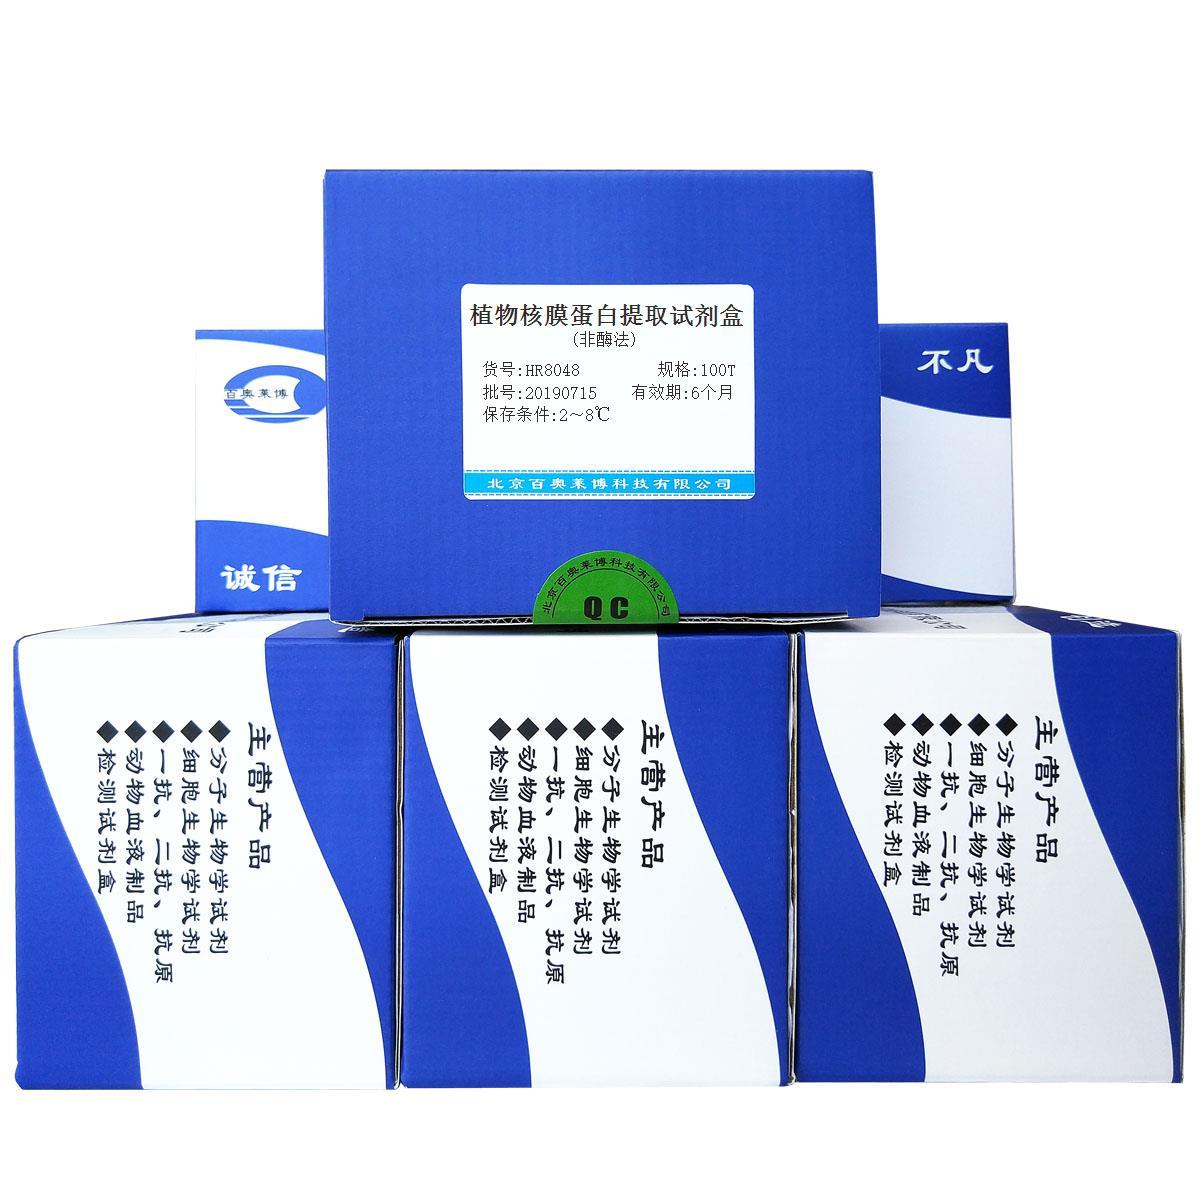 植物核膜蛋白提取试剂盒(非酶法)北京厂家